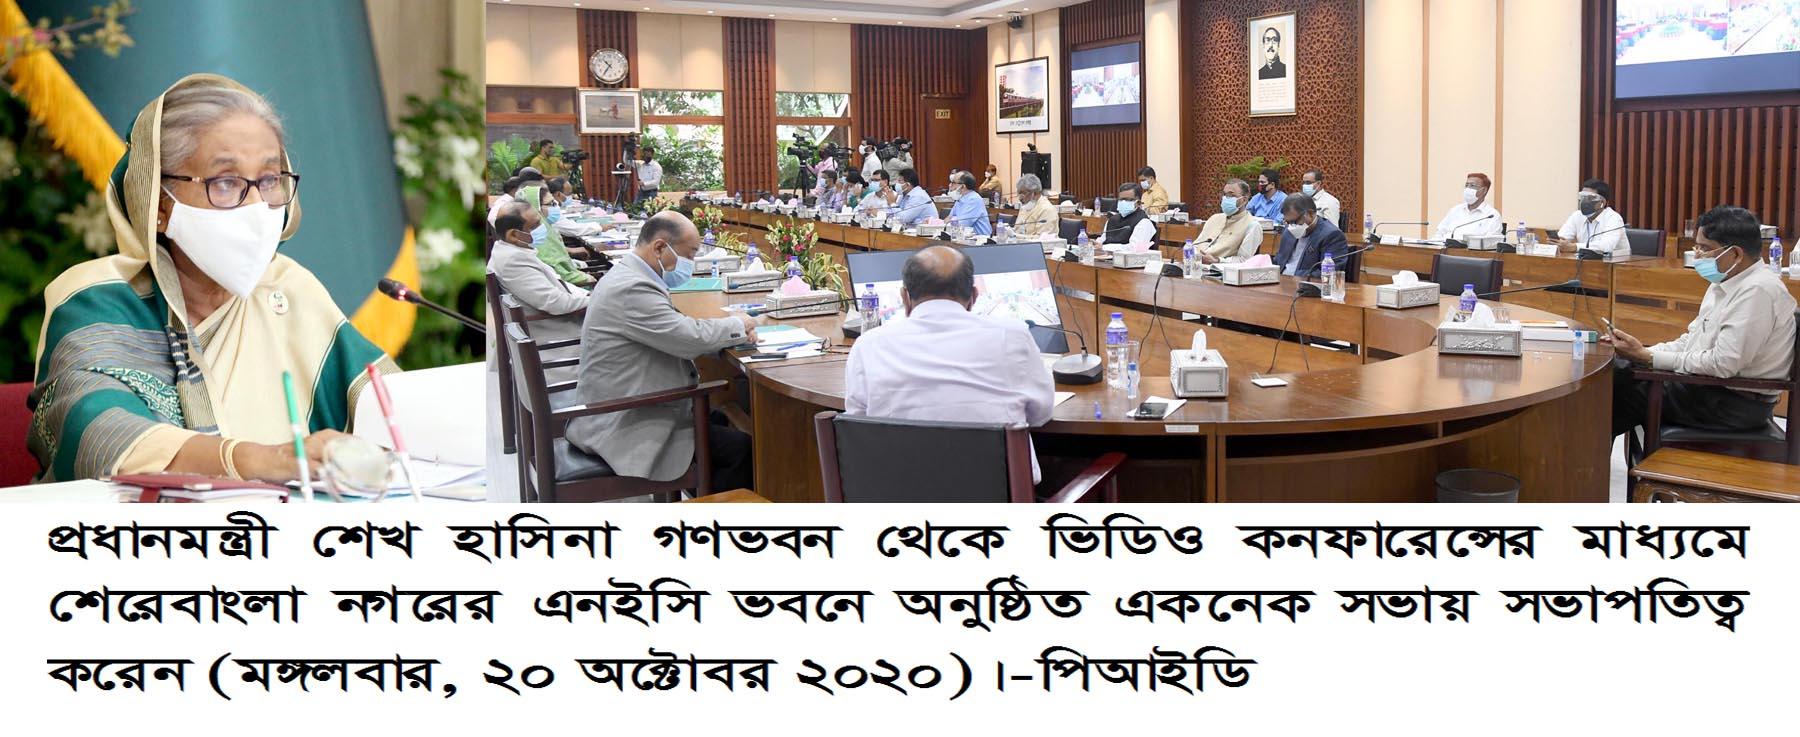 ECNEC leaders meet